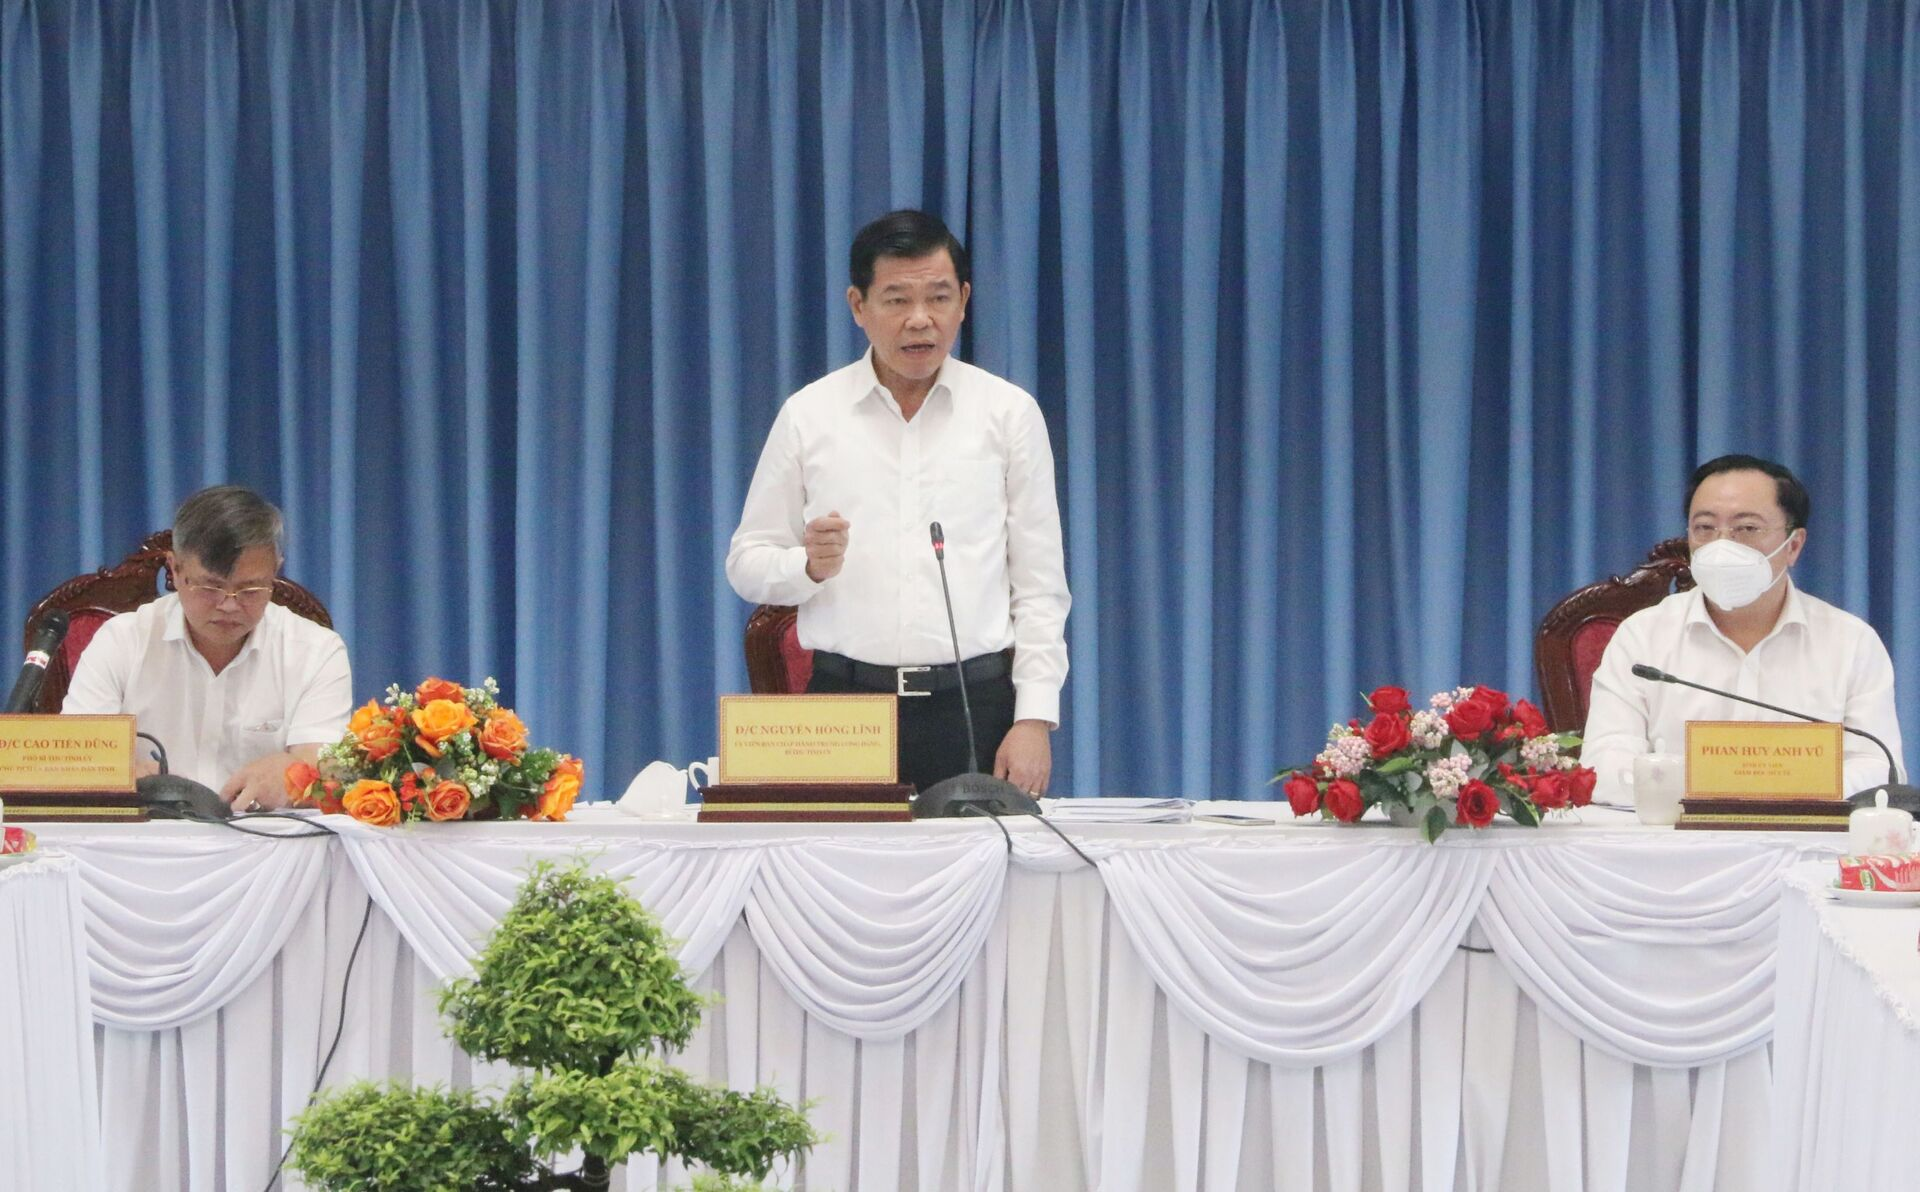 Bí thư Tỉnh ủy Đồng Nai Nguyễn Hồng Lĩnh phát biểu tại cuộc họp. - Sputnik Việt Nam, 1920, 05.10.2021